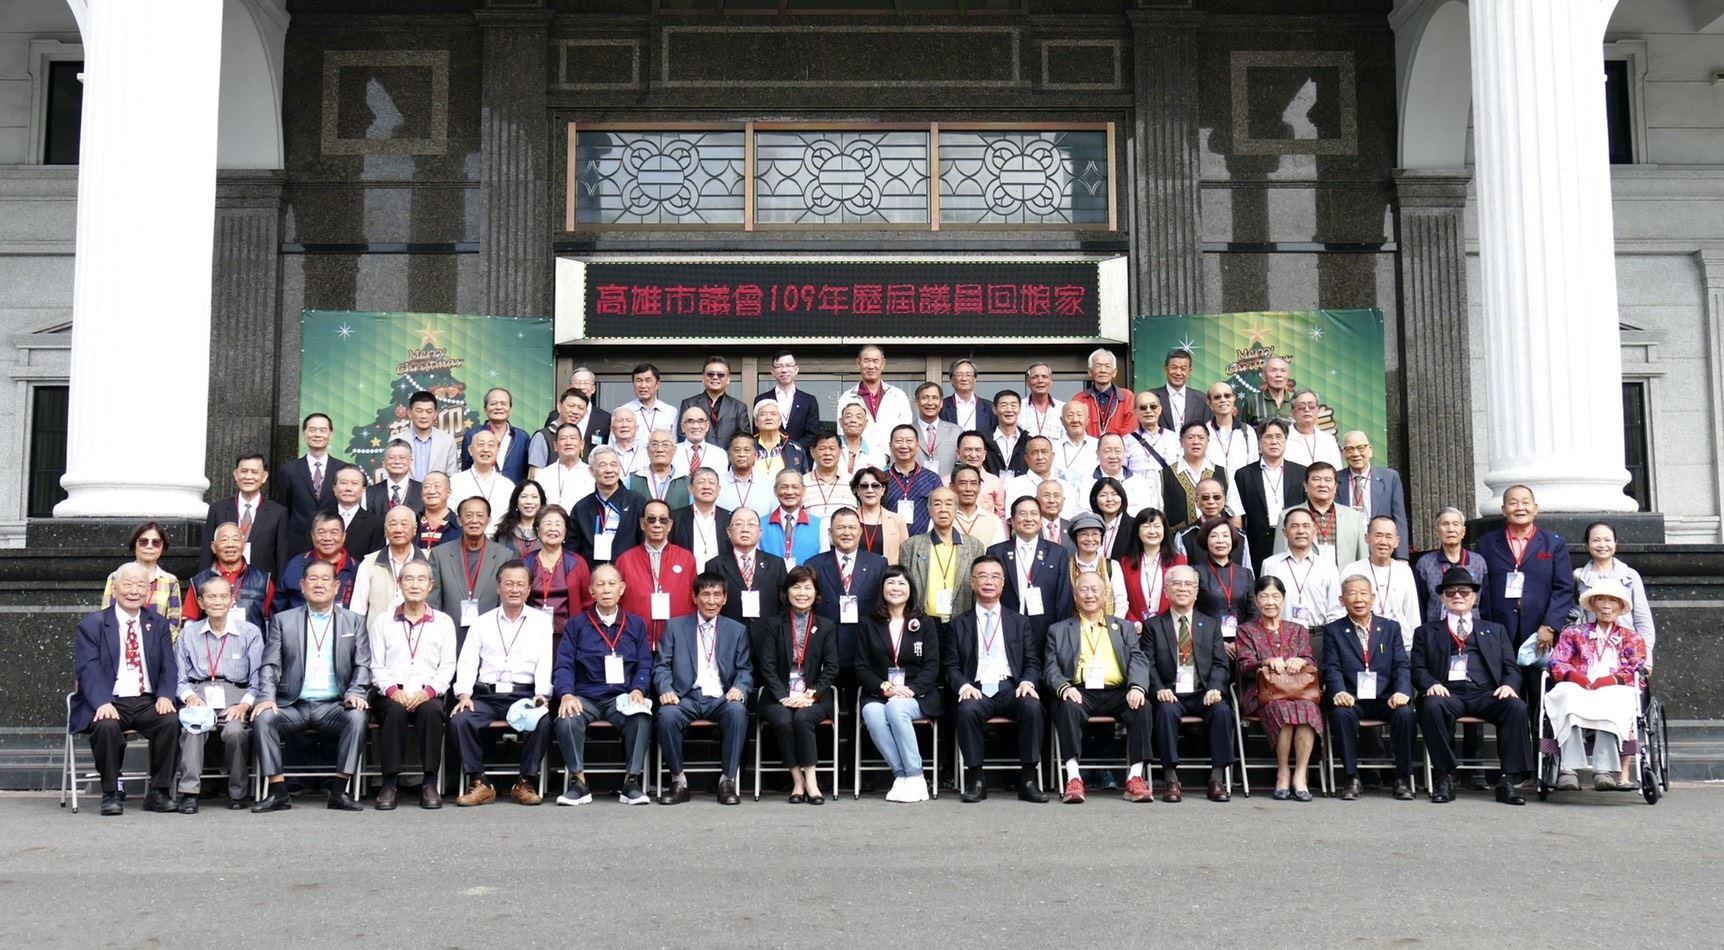 縣市議會合併十年,歷屆議員回娘家